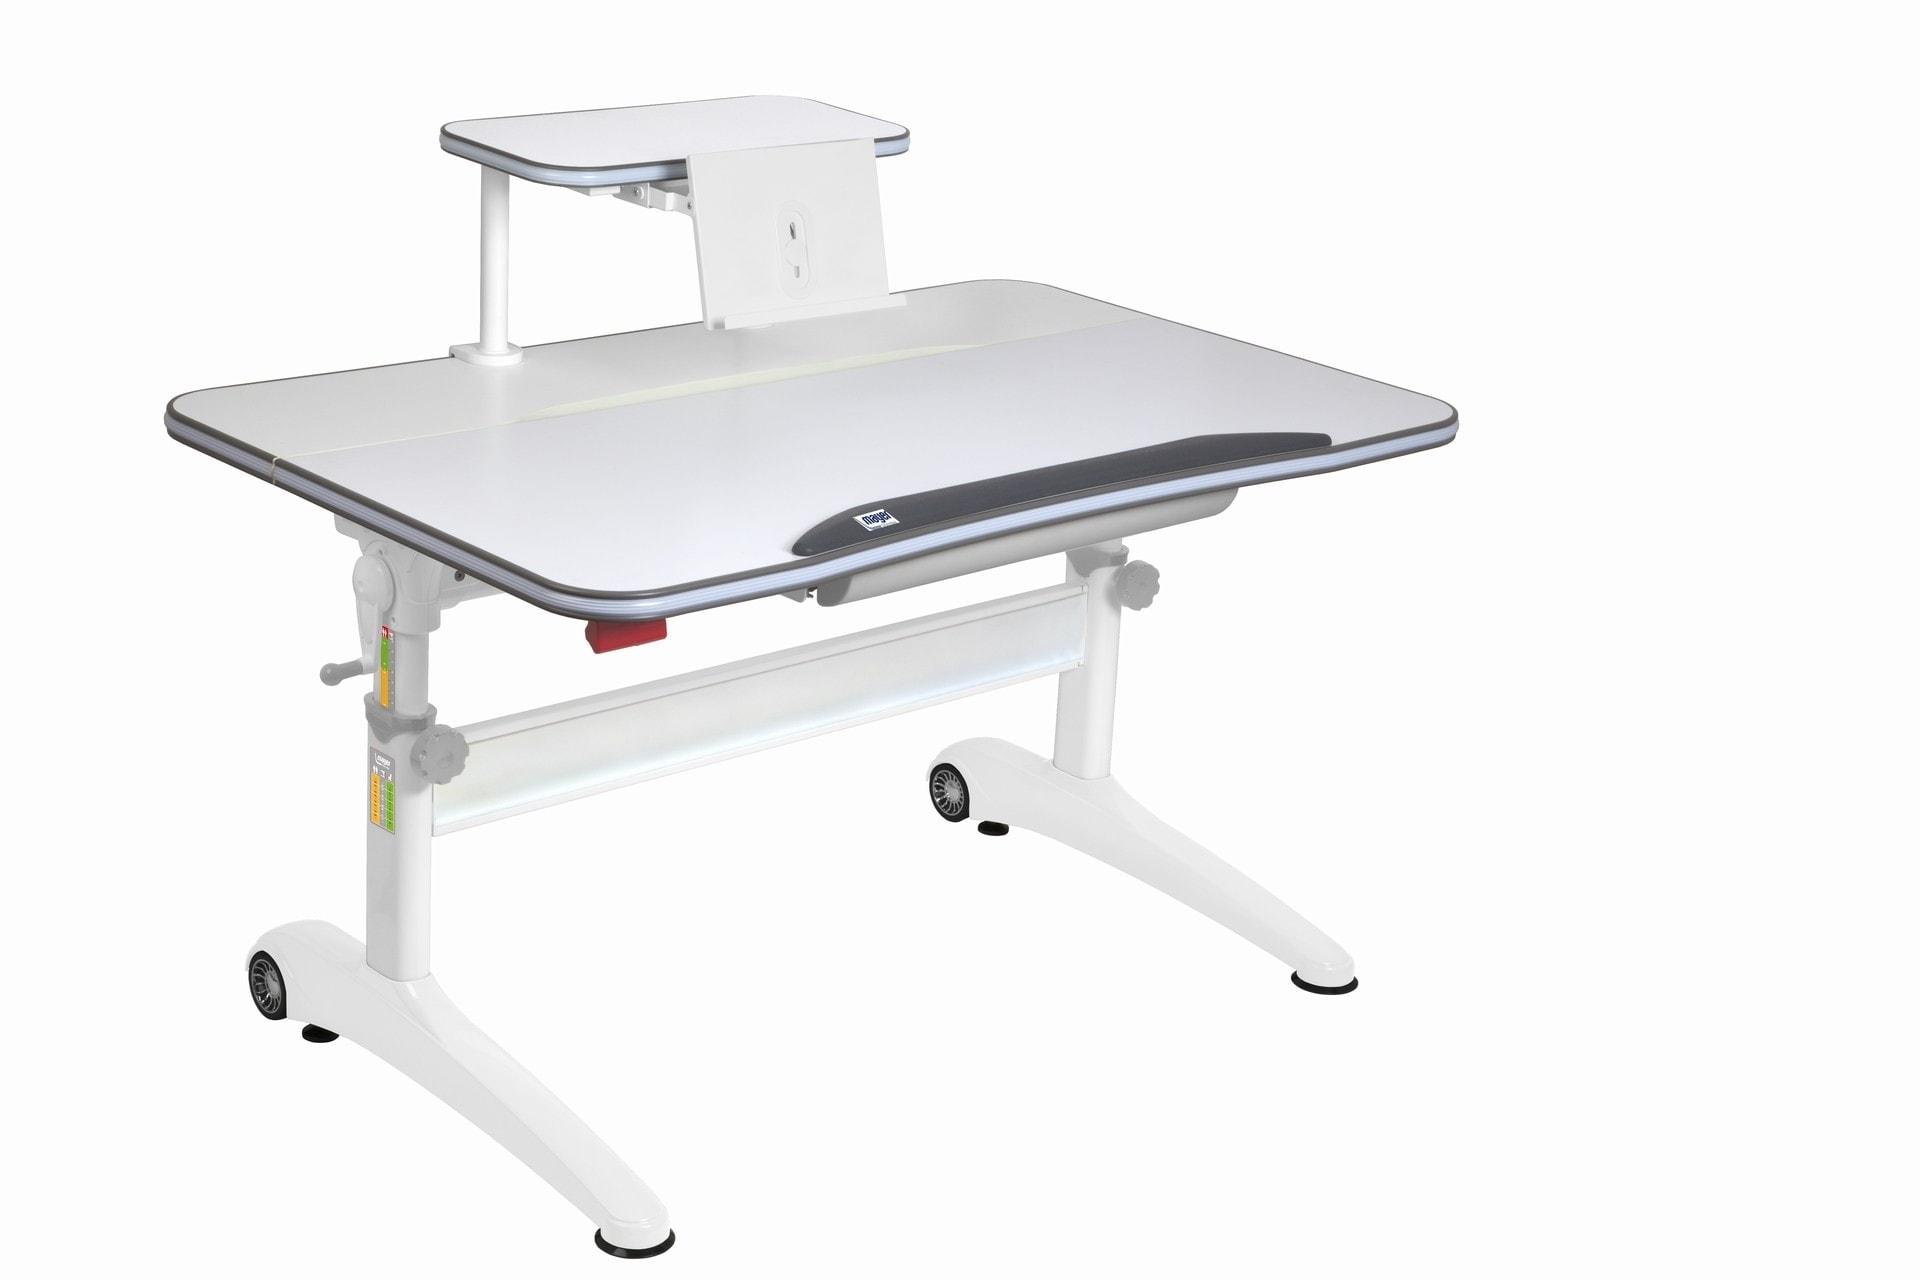 Stůl s poličkou (objednává se samostatně)